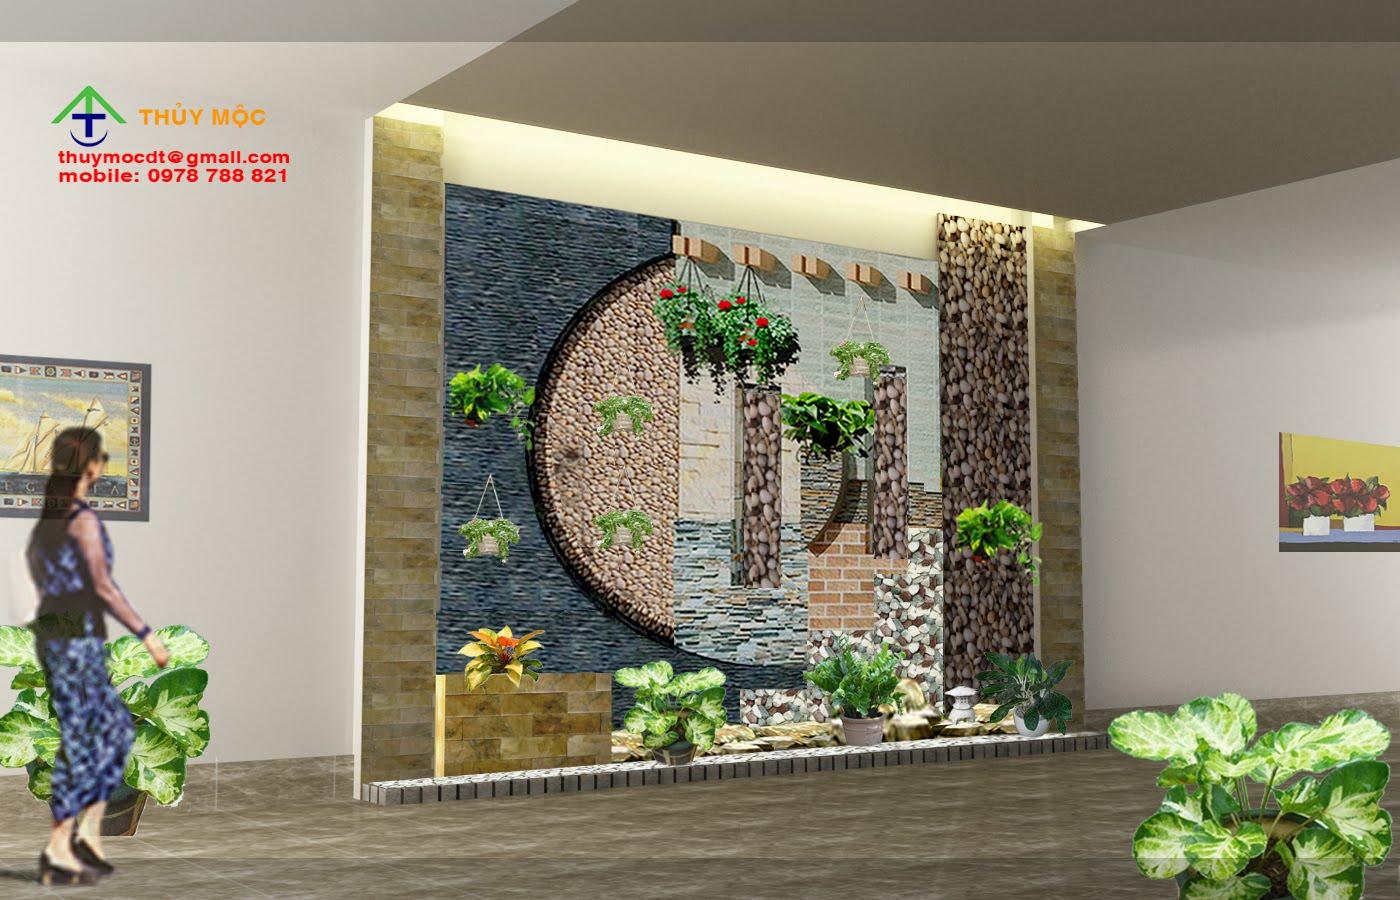 Chuyên thiết kế thi công Sân vườn, Tiểu cảnh, Thác nước, non bộ, đá tự nhiên